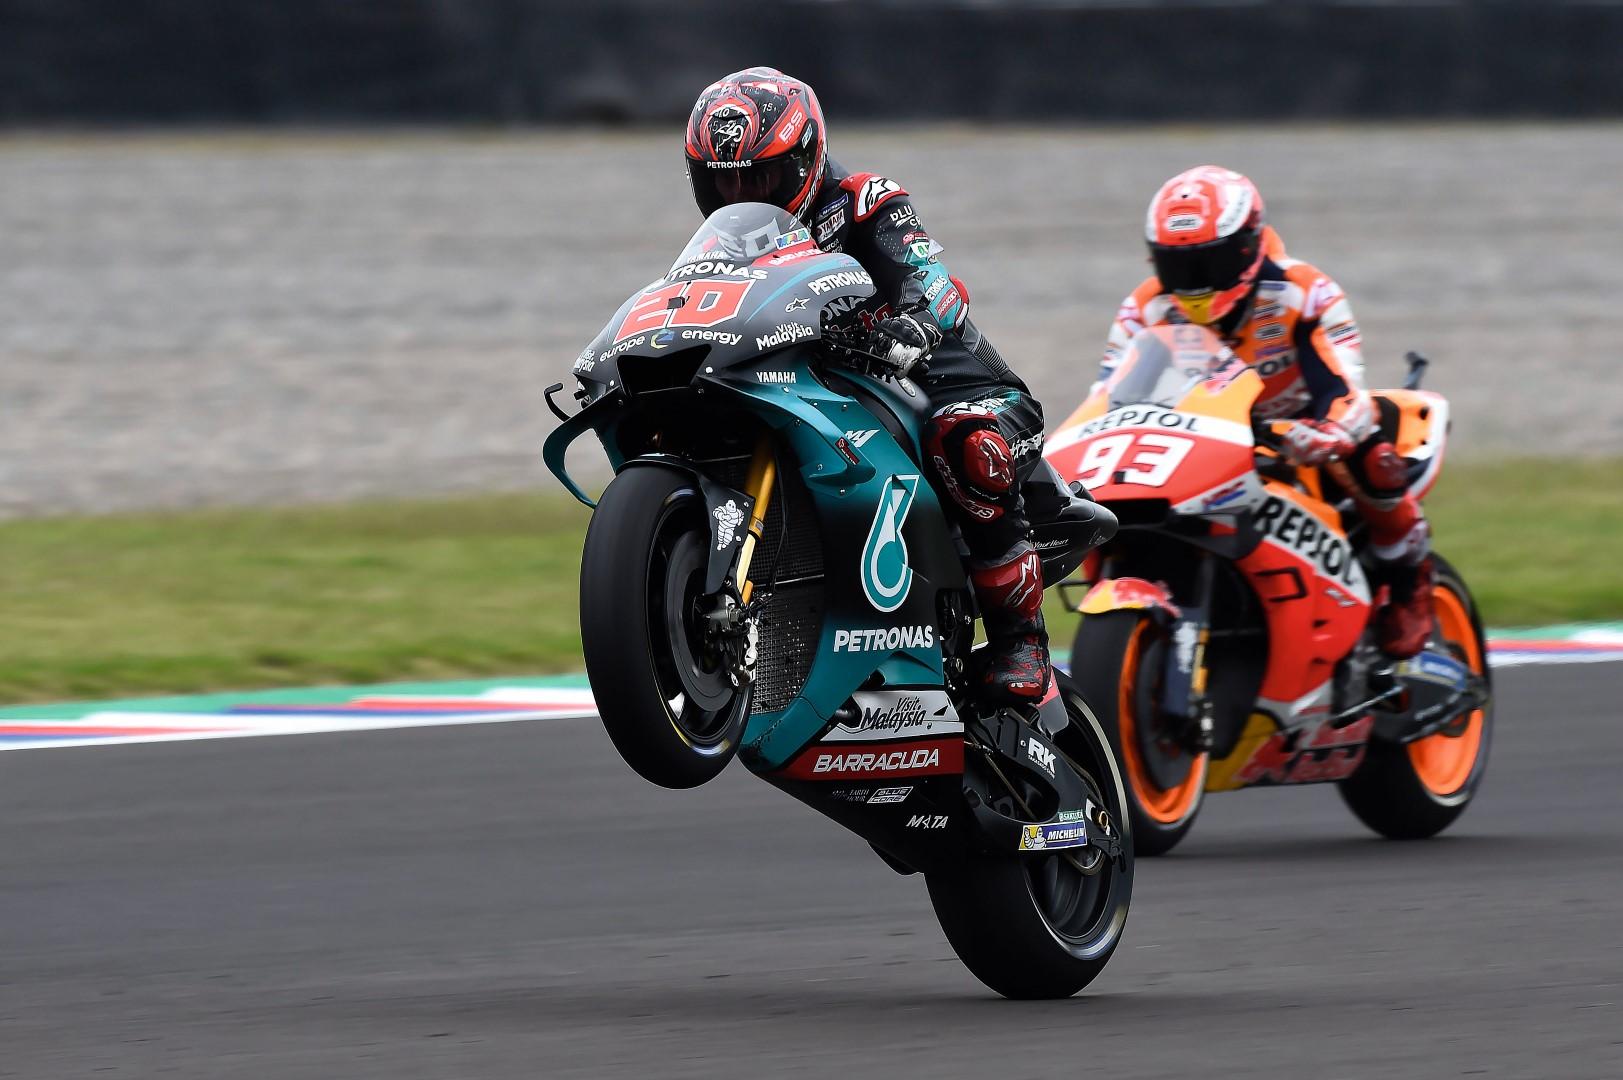 Los rookies en MotoGP, diamantes en bruto